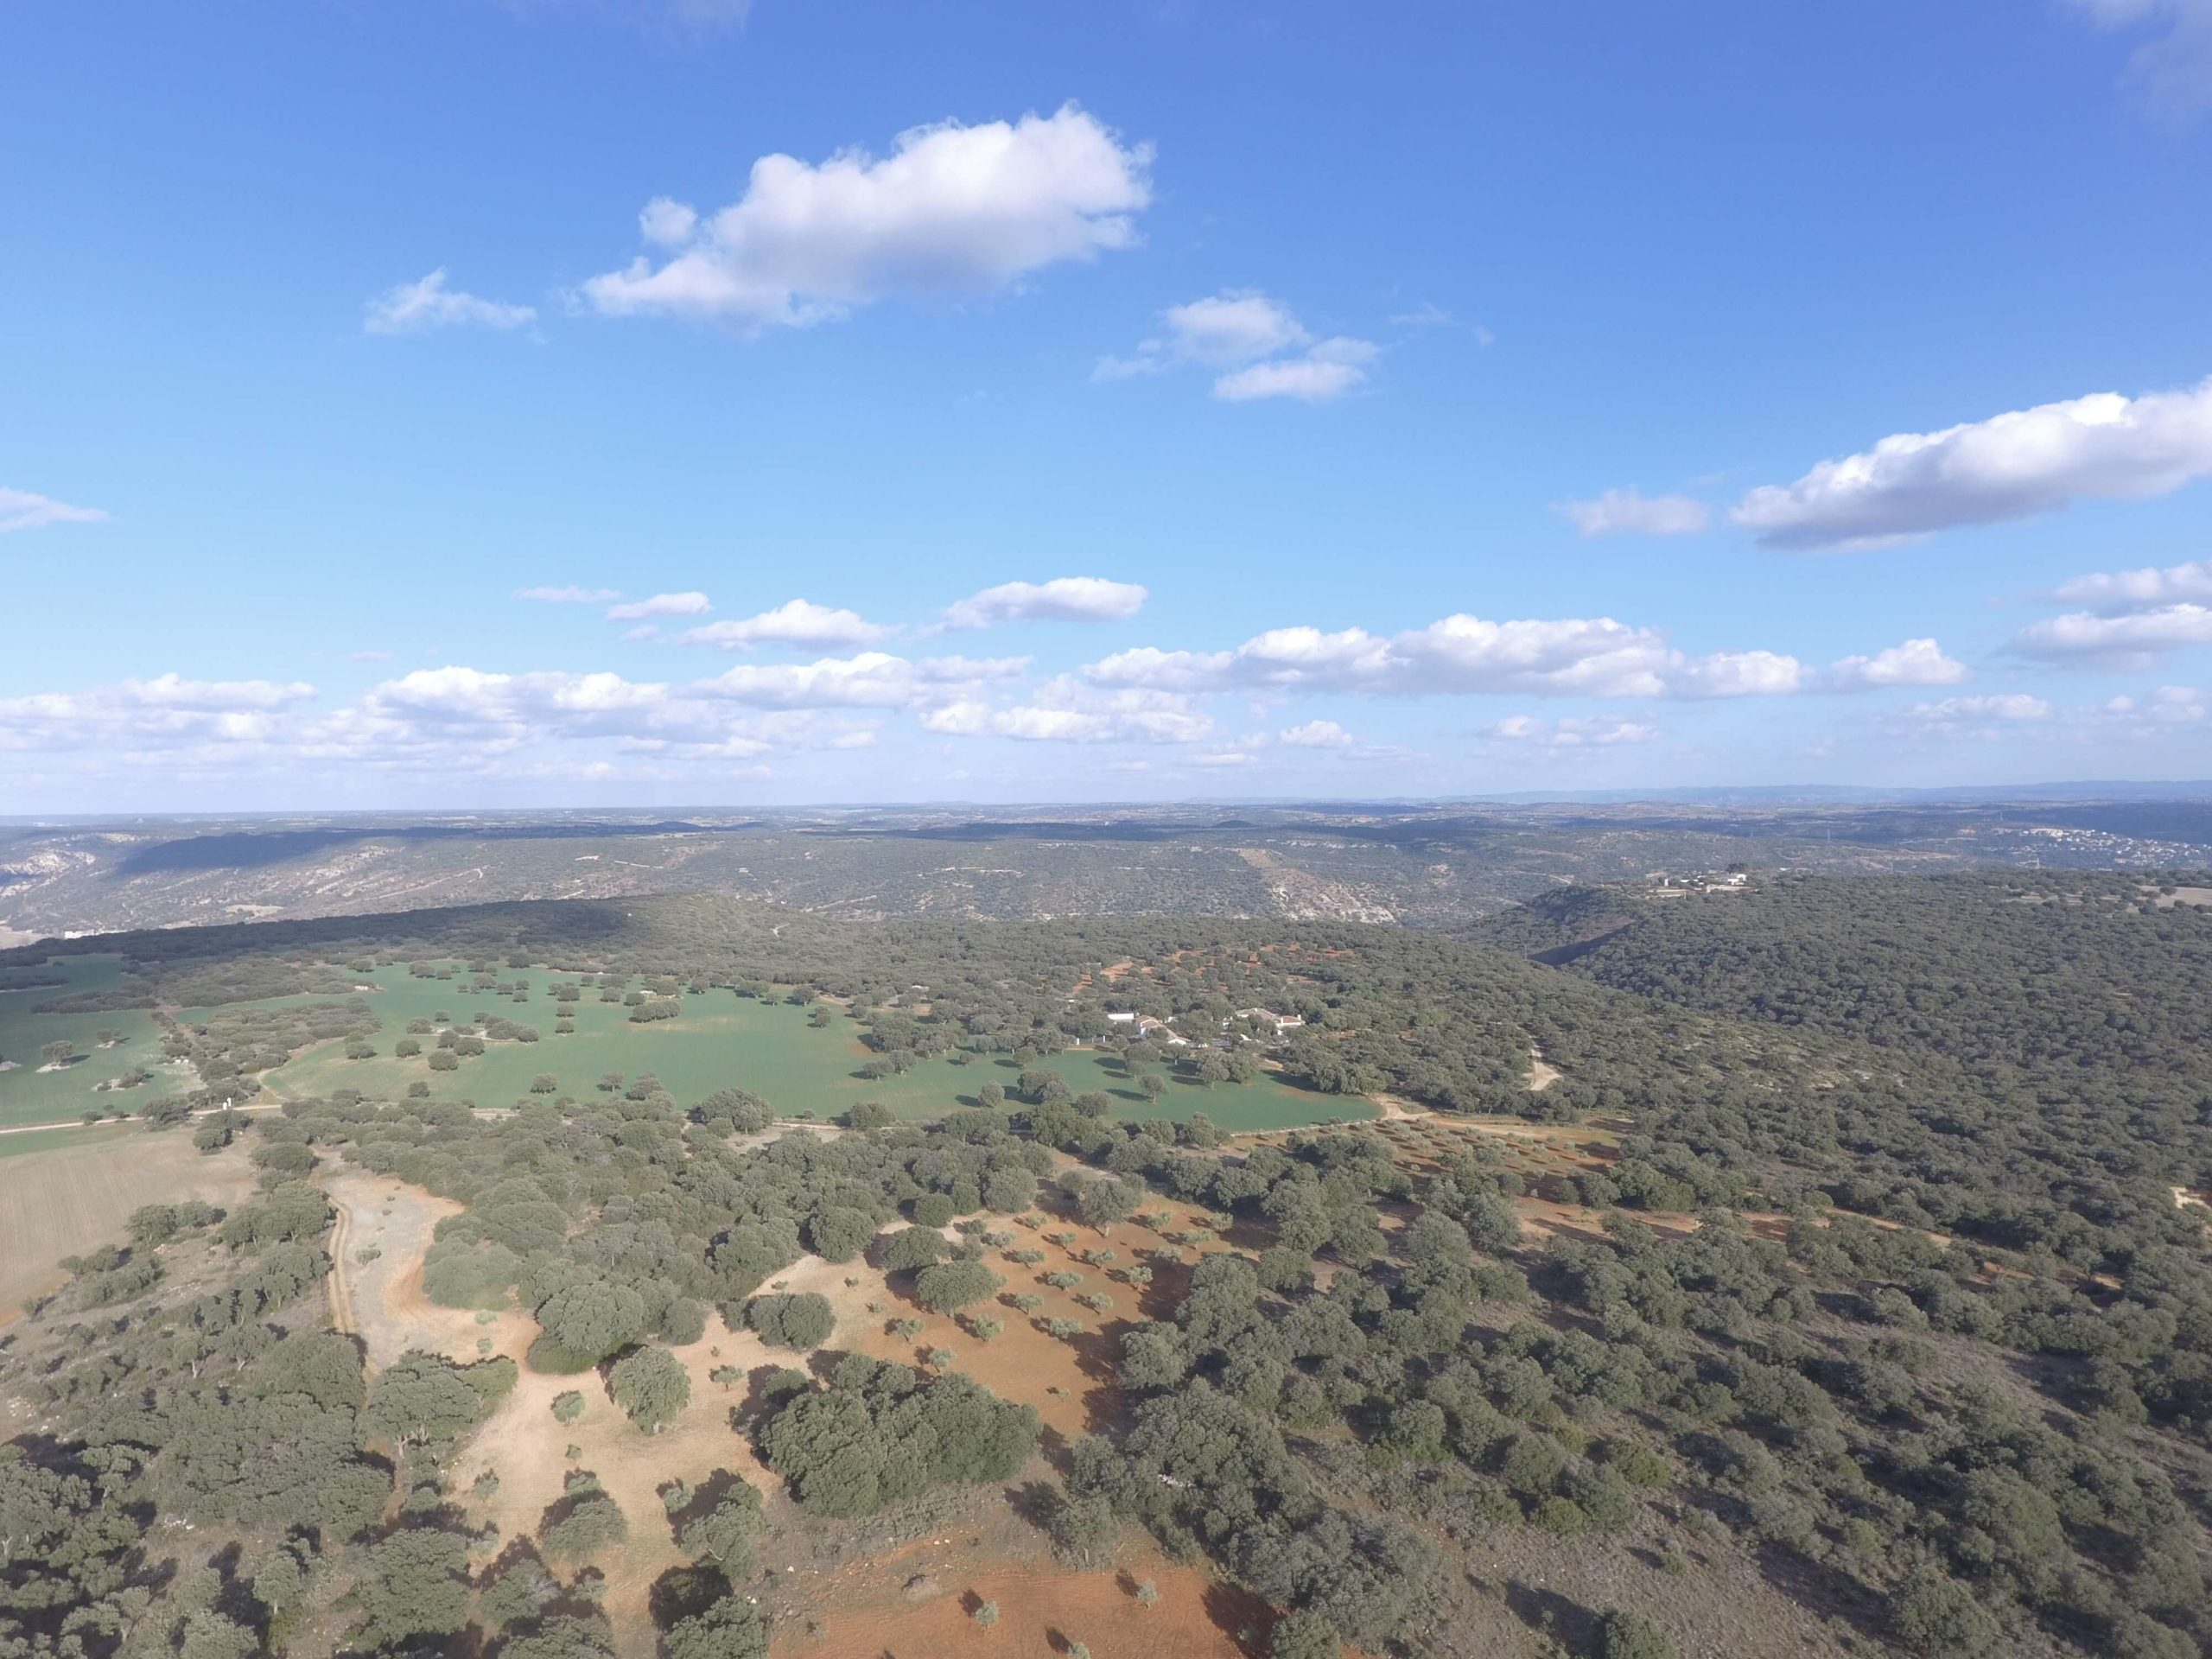 vuelo dron evaluacion impacto ambiental